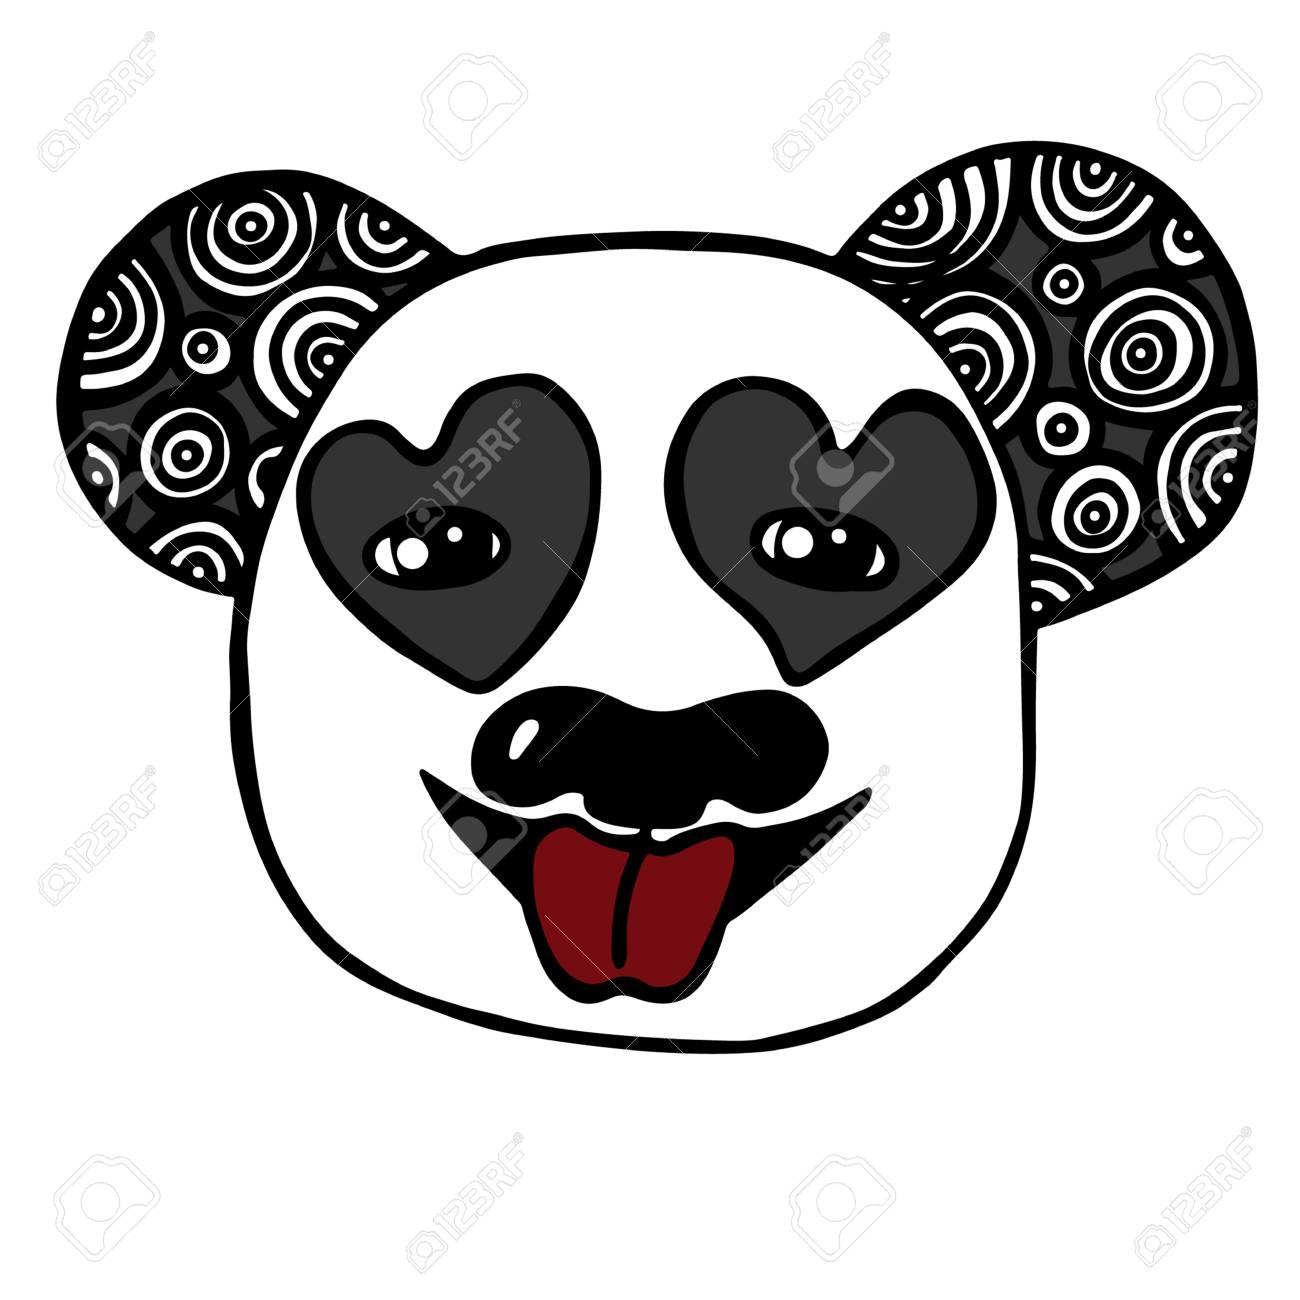 Cabeza Abstracta De Panda Con Ojo De Corazón. Boceto Para Tatuaje ...